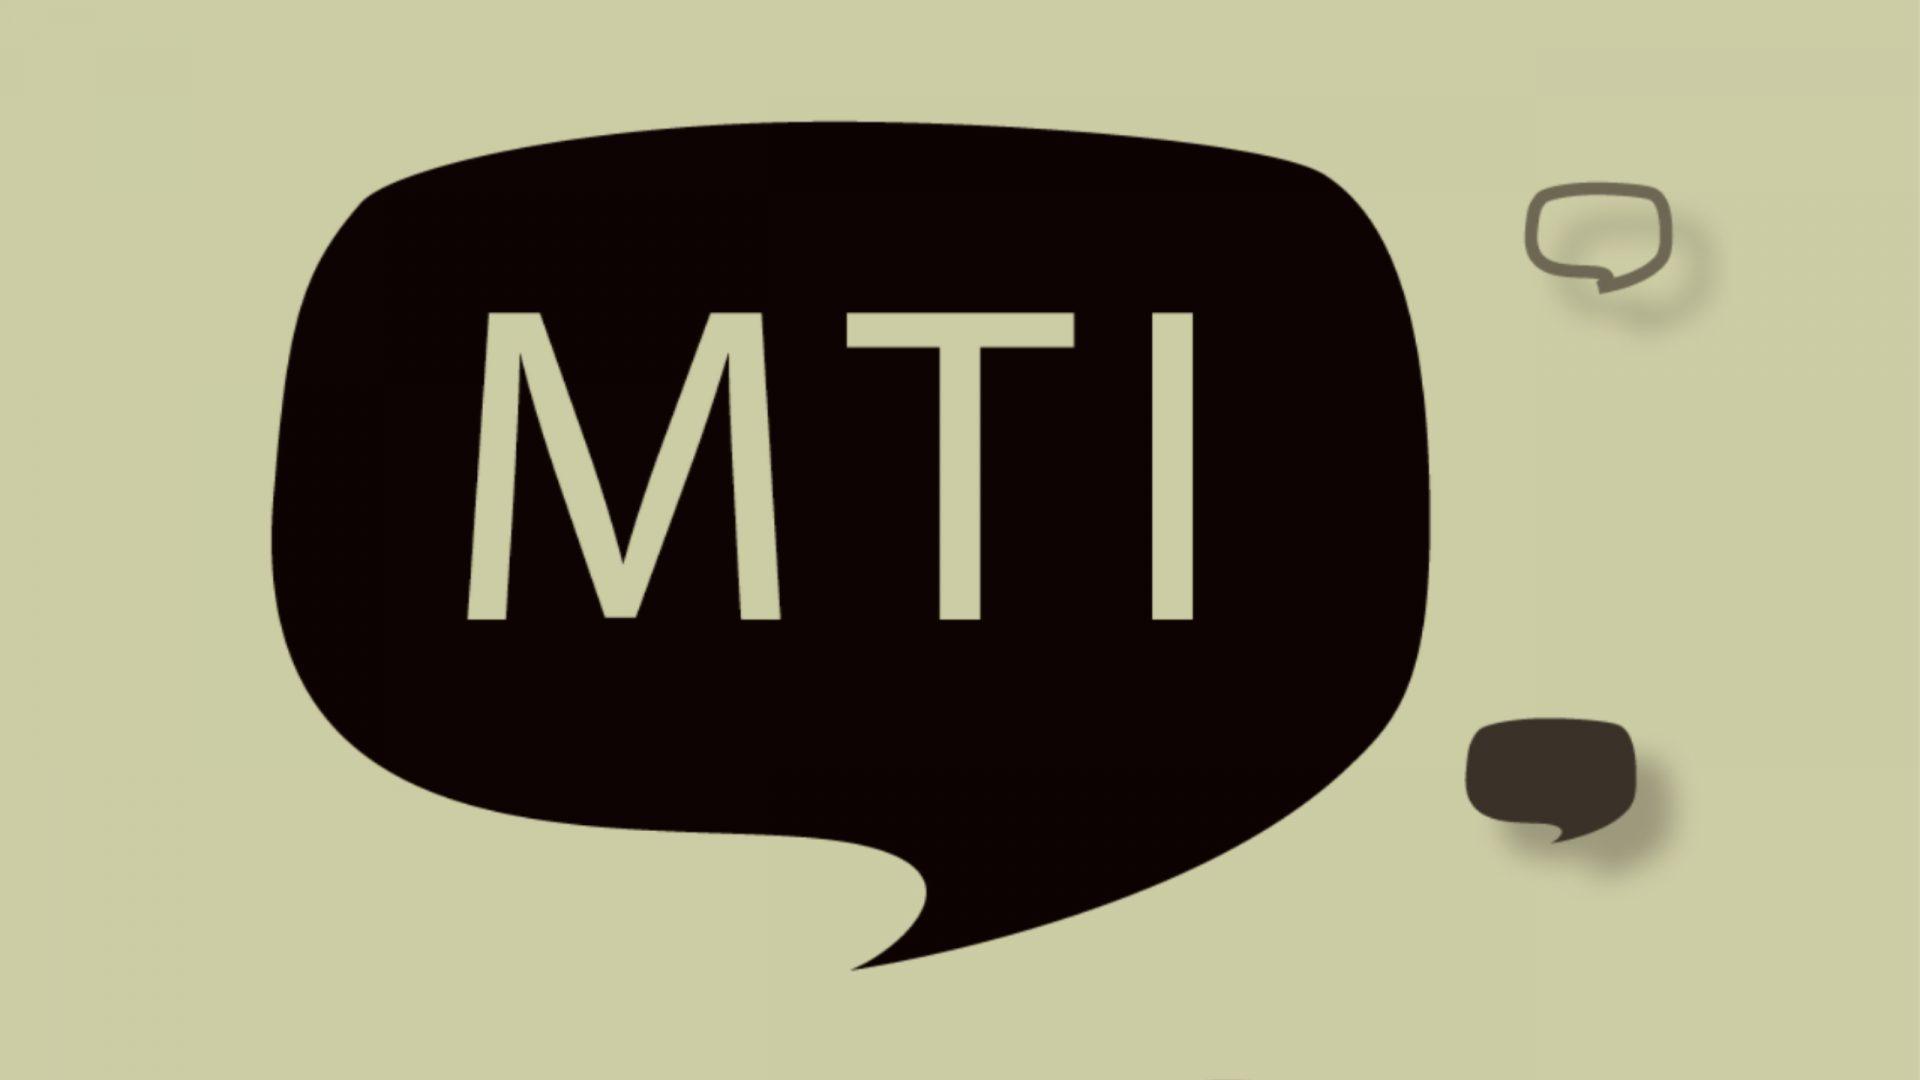 Métiers culturels du texte et de l'image (MTI)